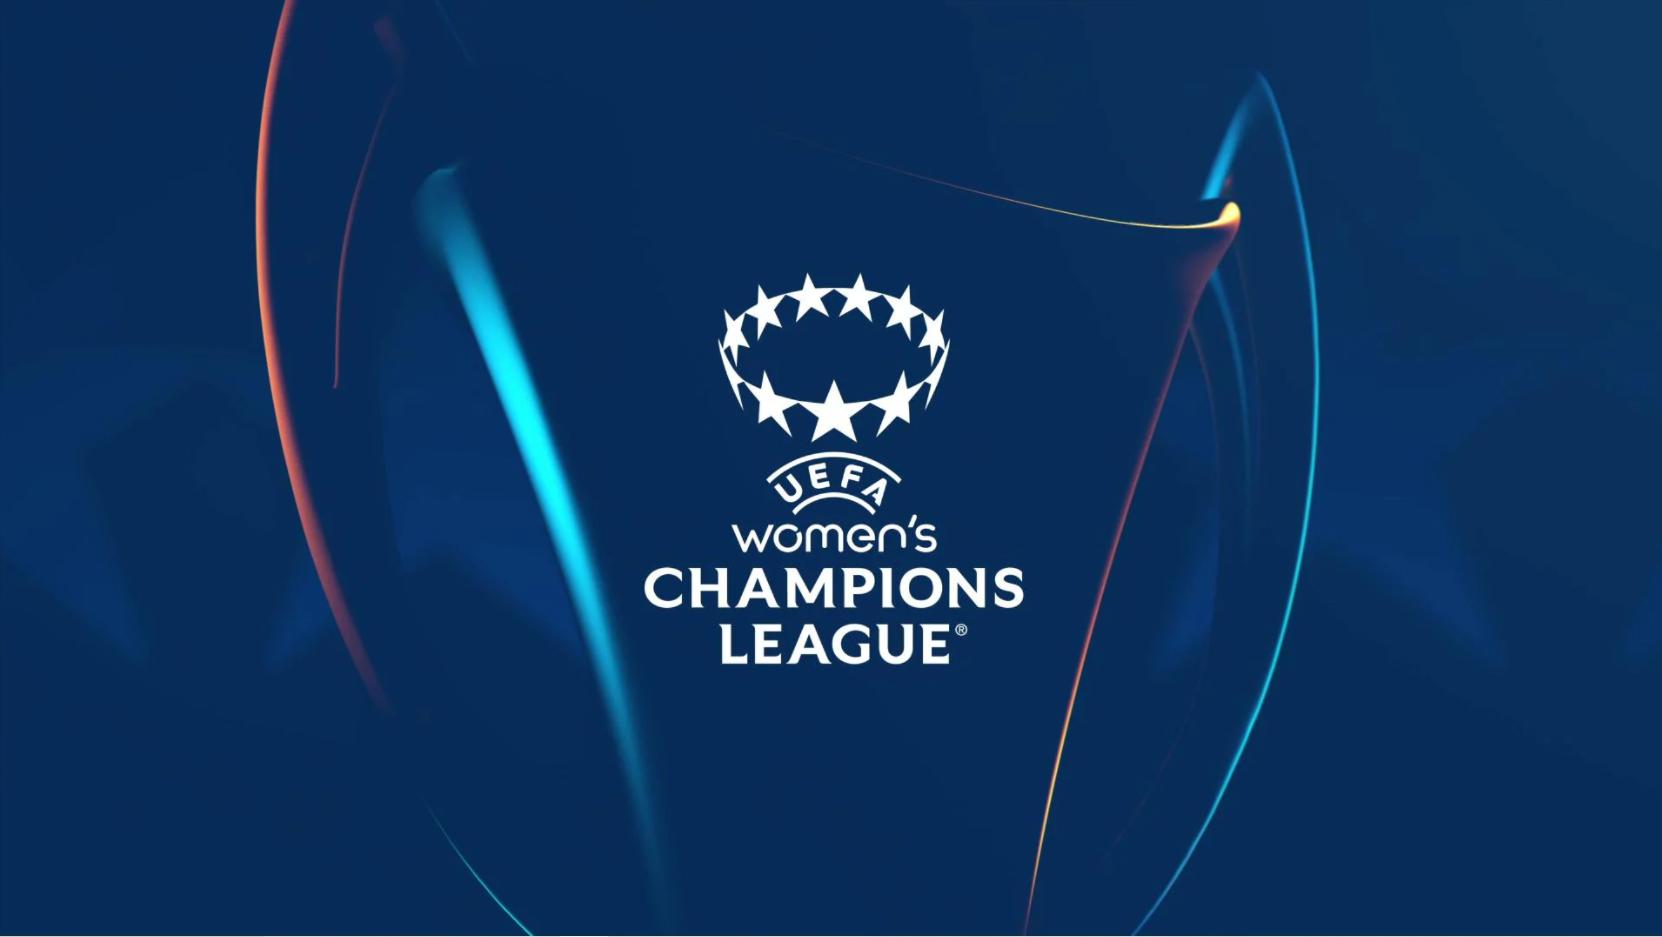 Liga šampiona žene logo